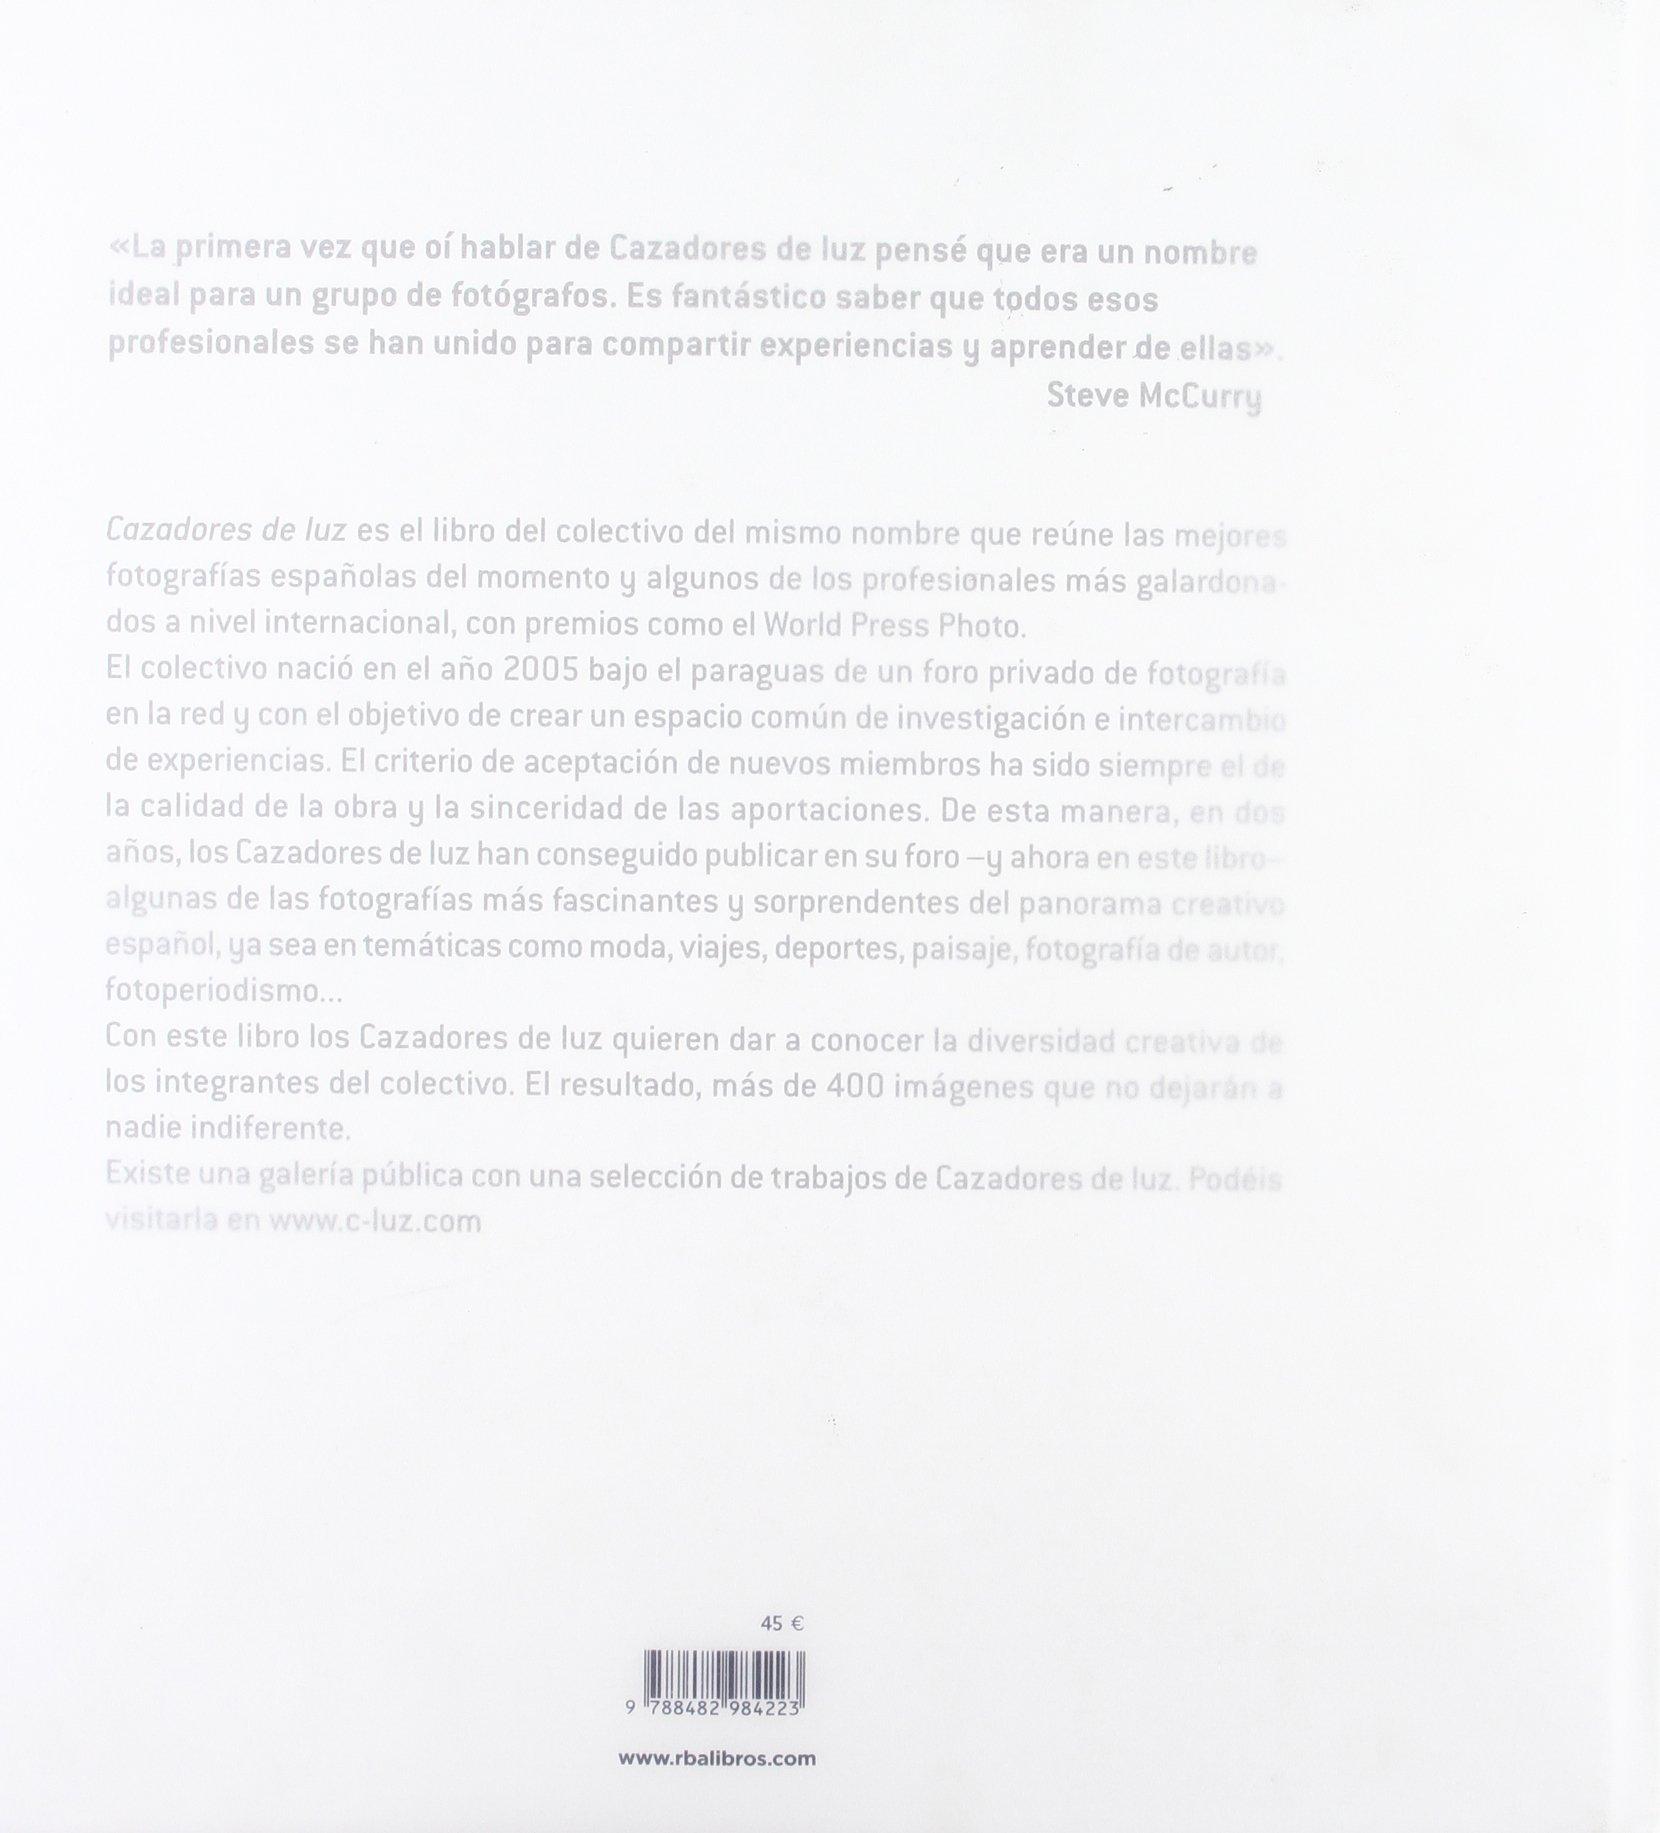 Cazadores De Luz: Las Mejores Fotografías De Los Grandes Fotógrafos Españoles: VV.AA.: 9788482984223: Amazon.com: Books